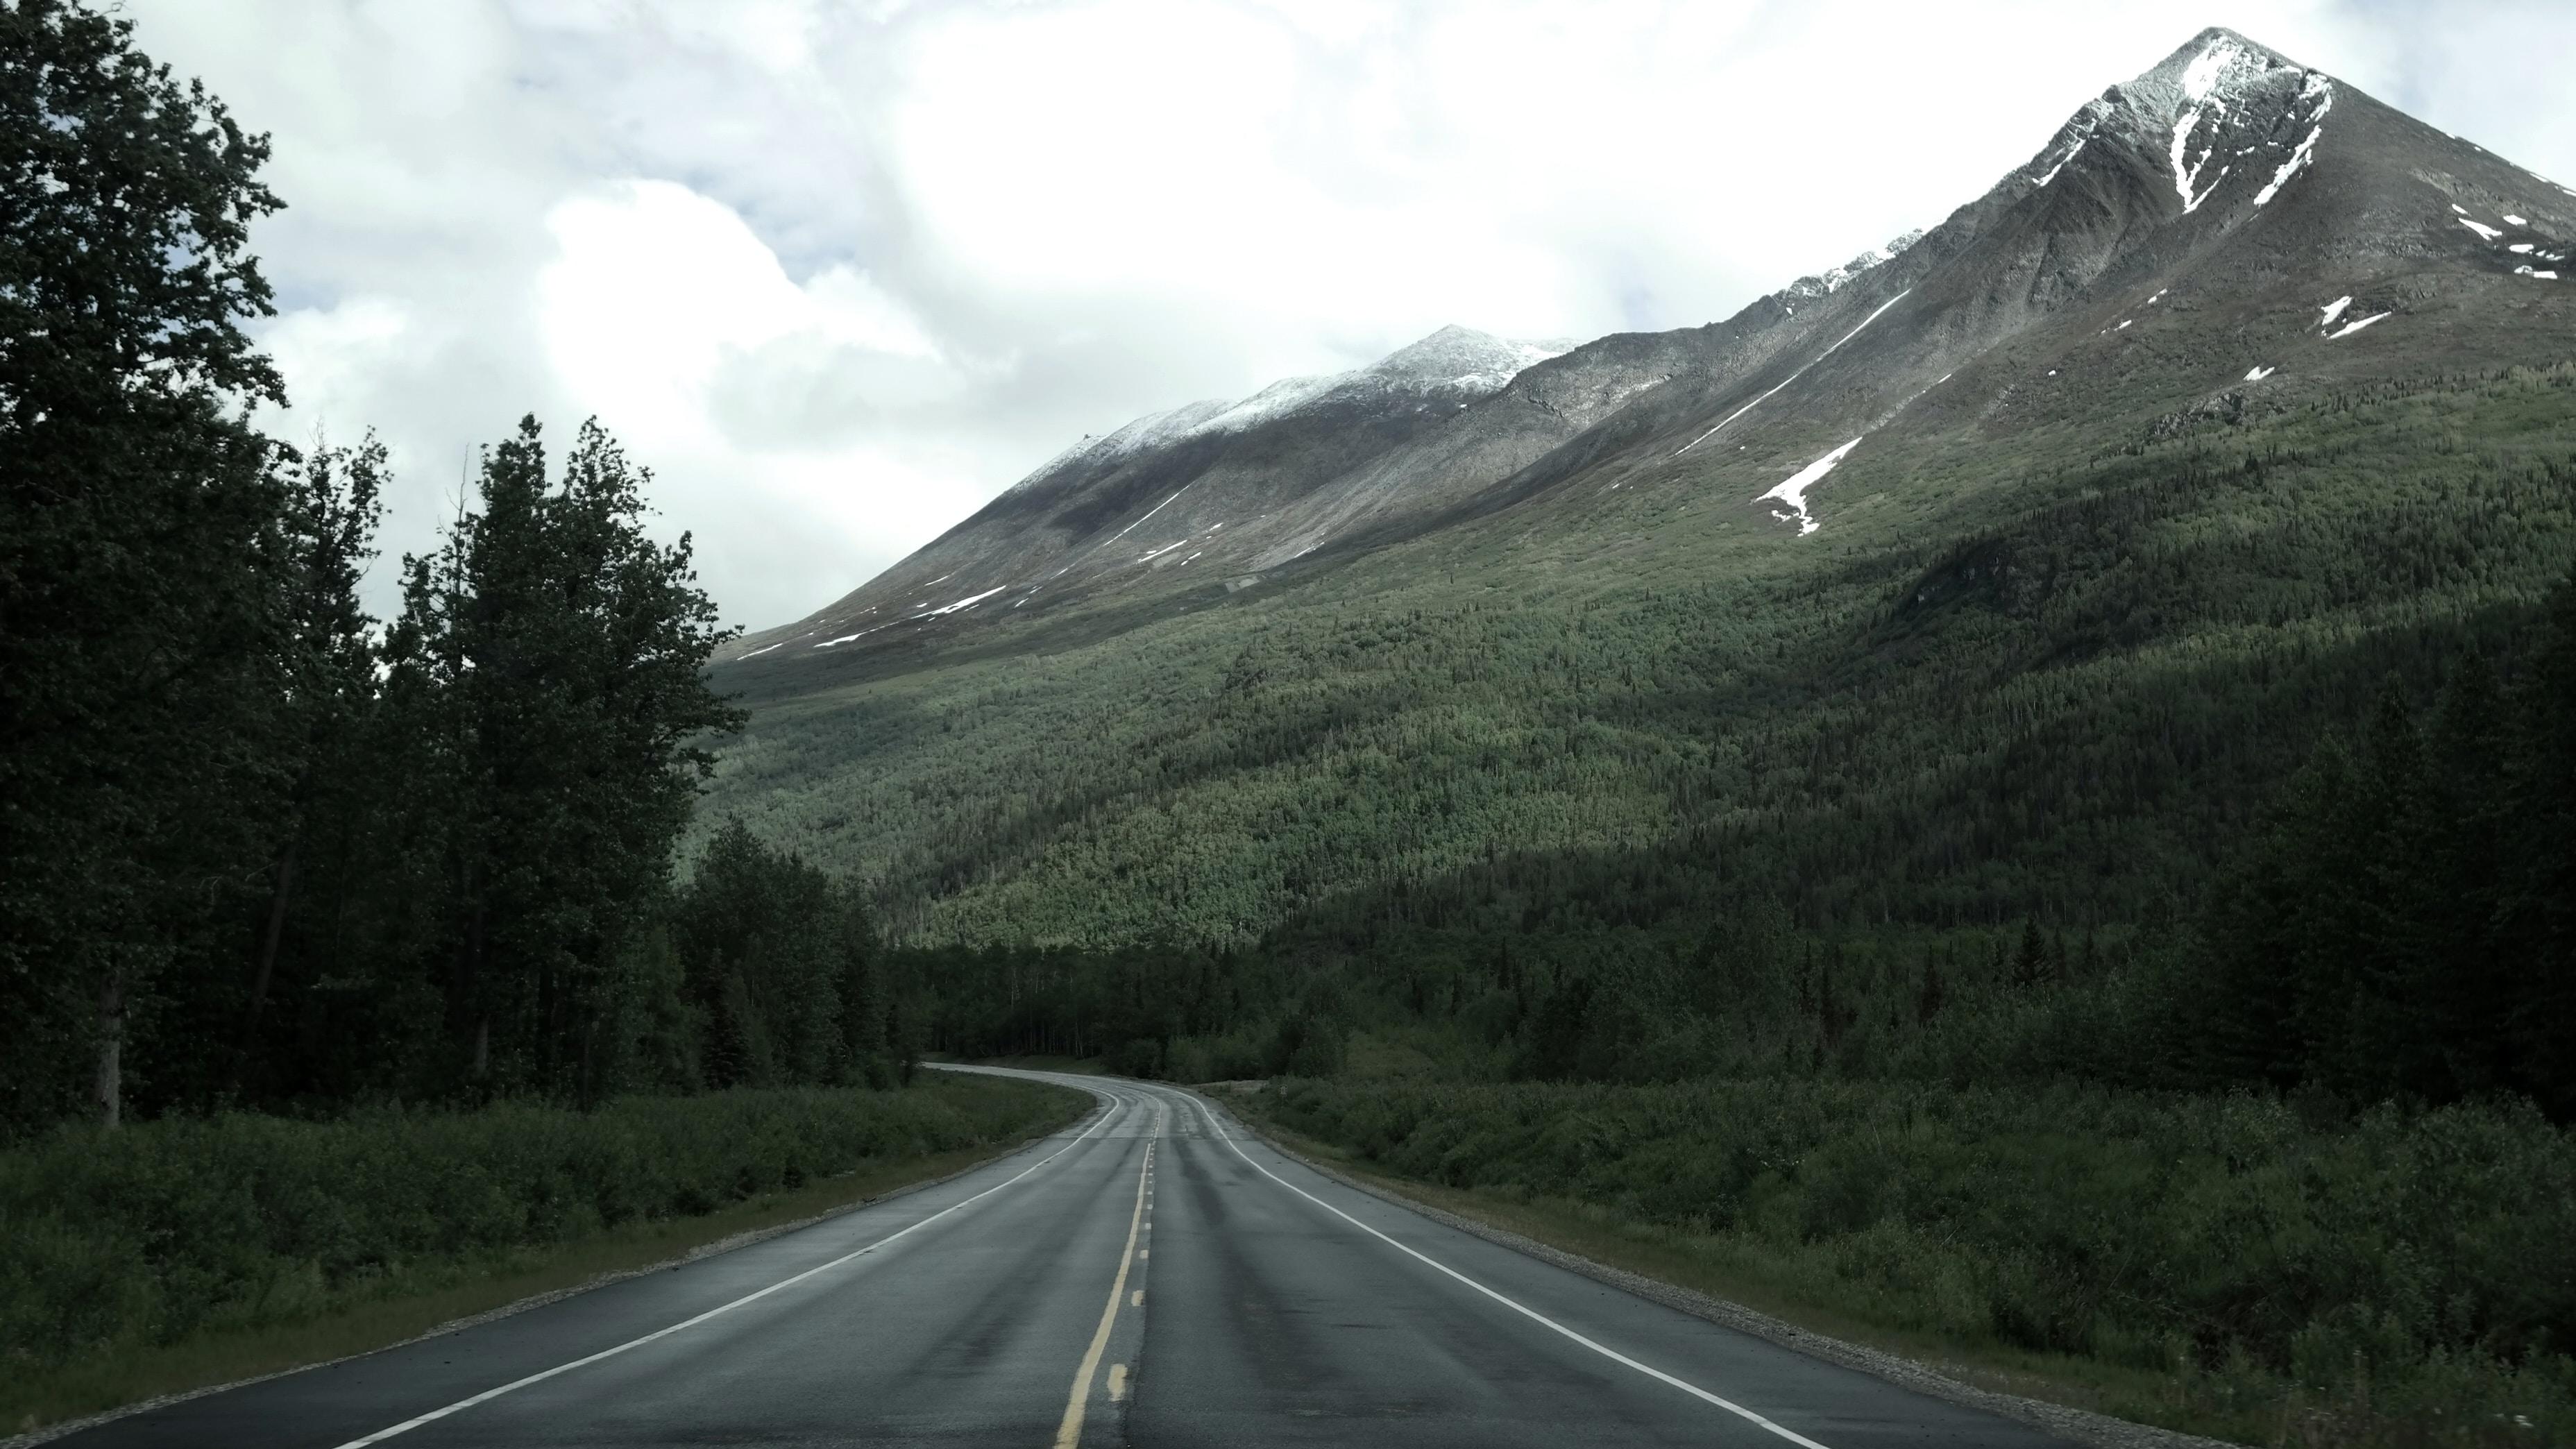 Road along Alaska mountains